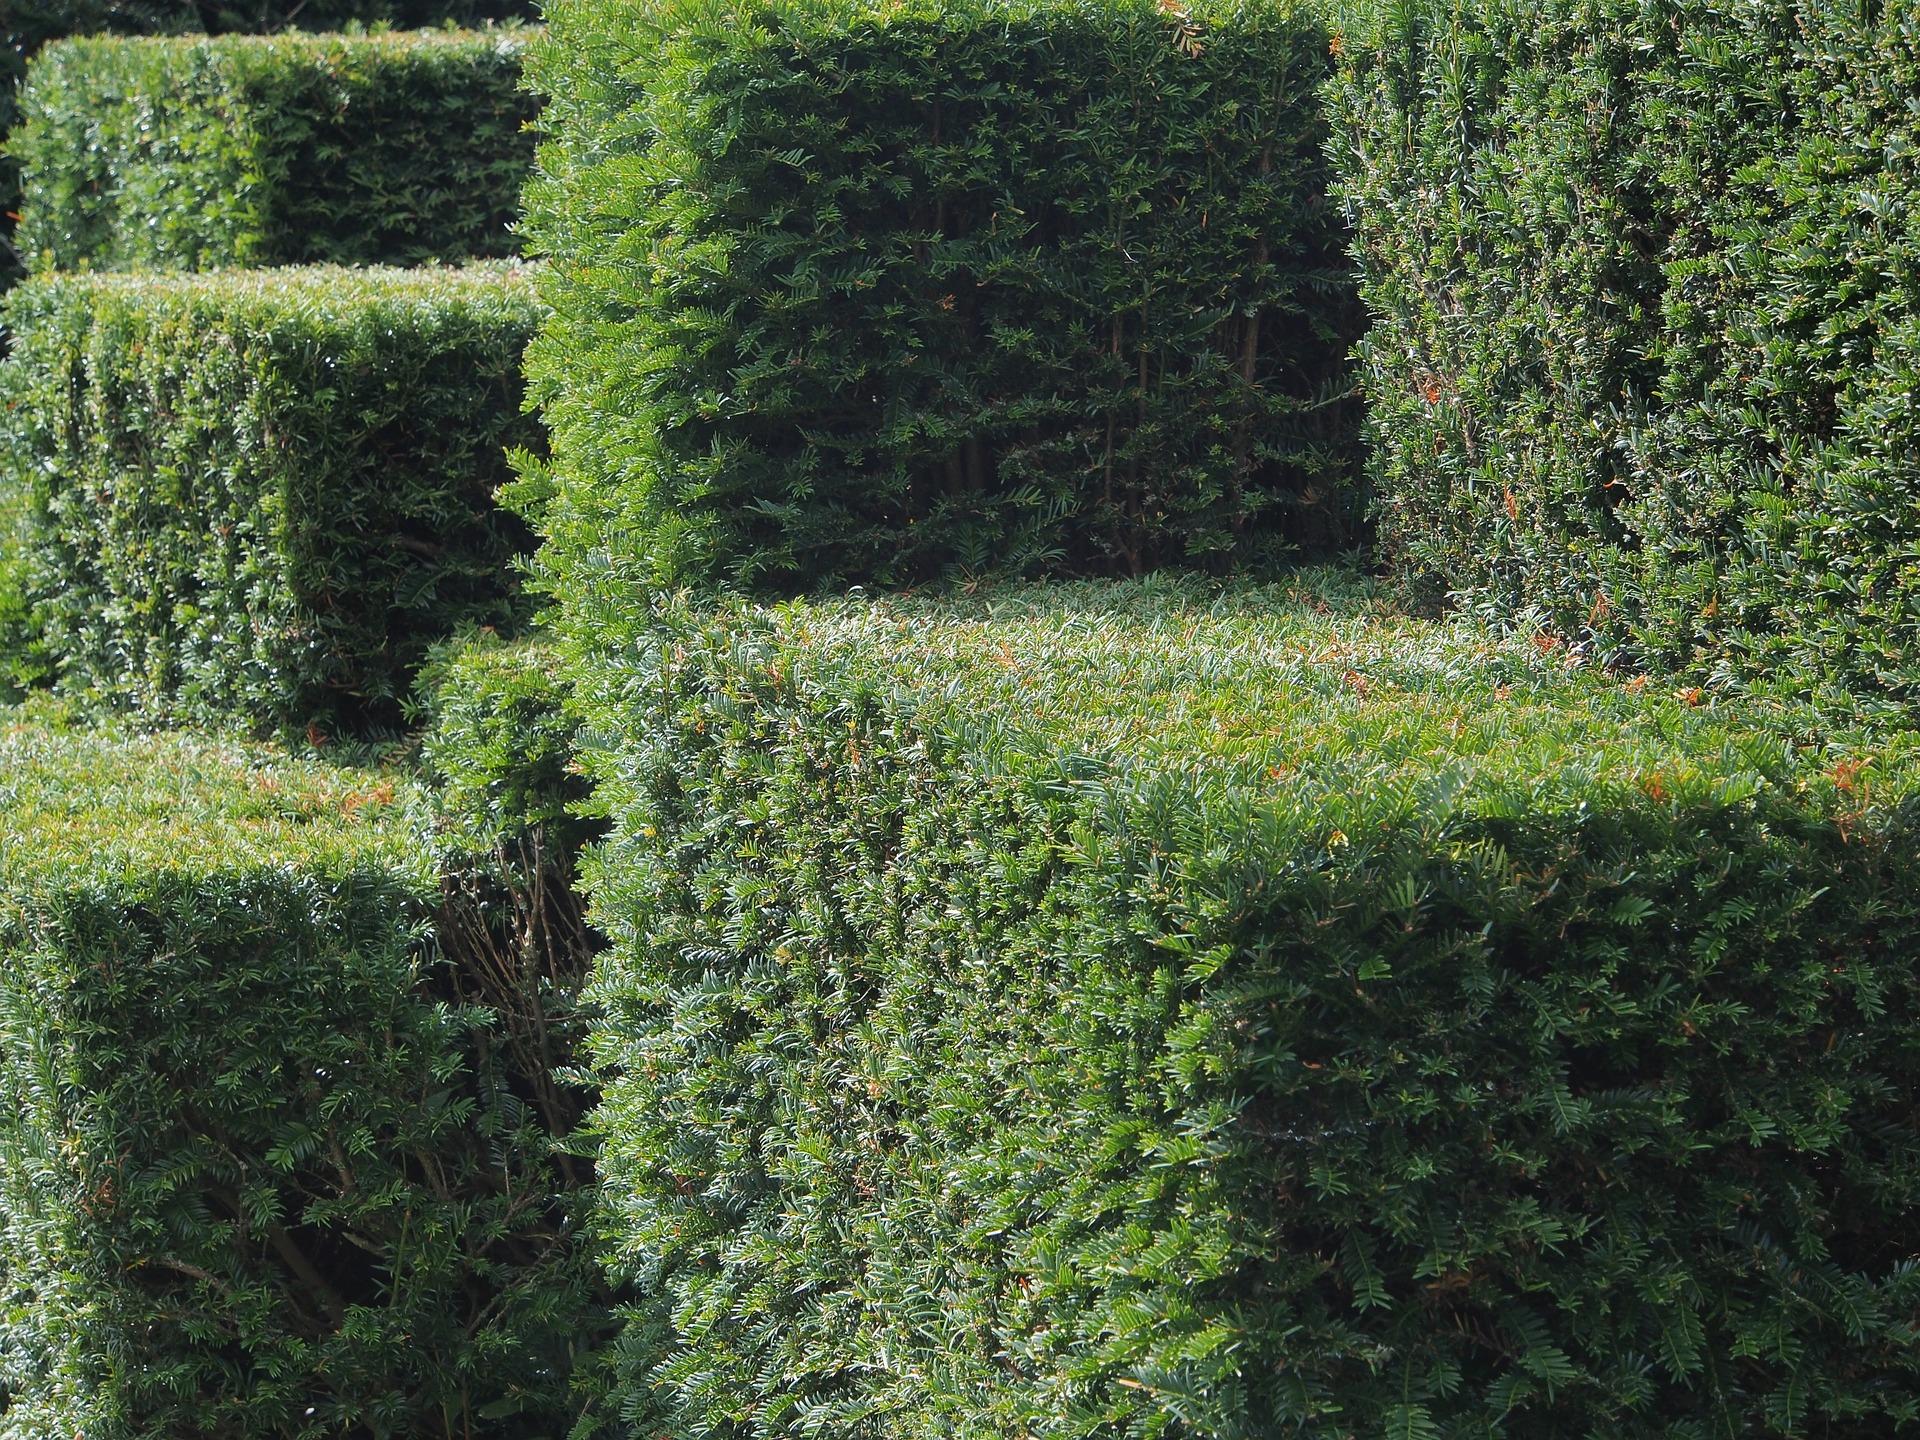 jardingeometrico_izal